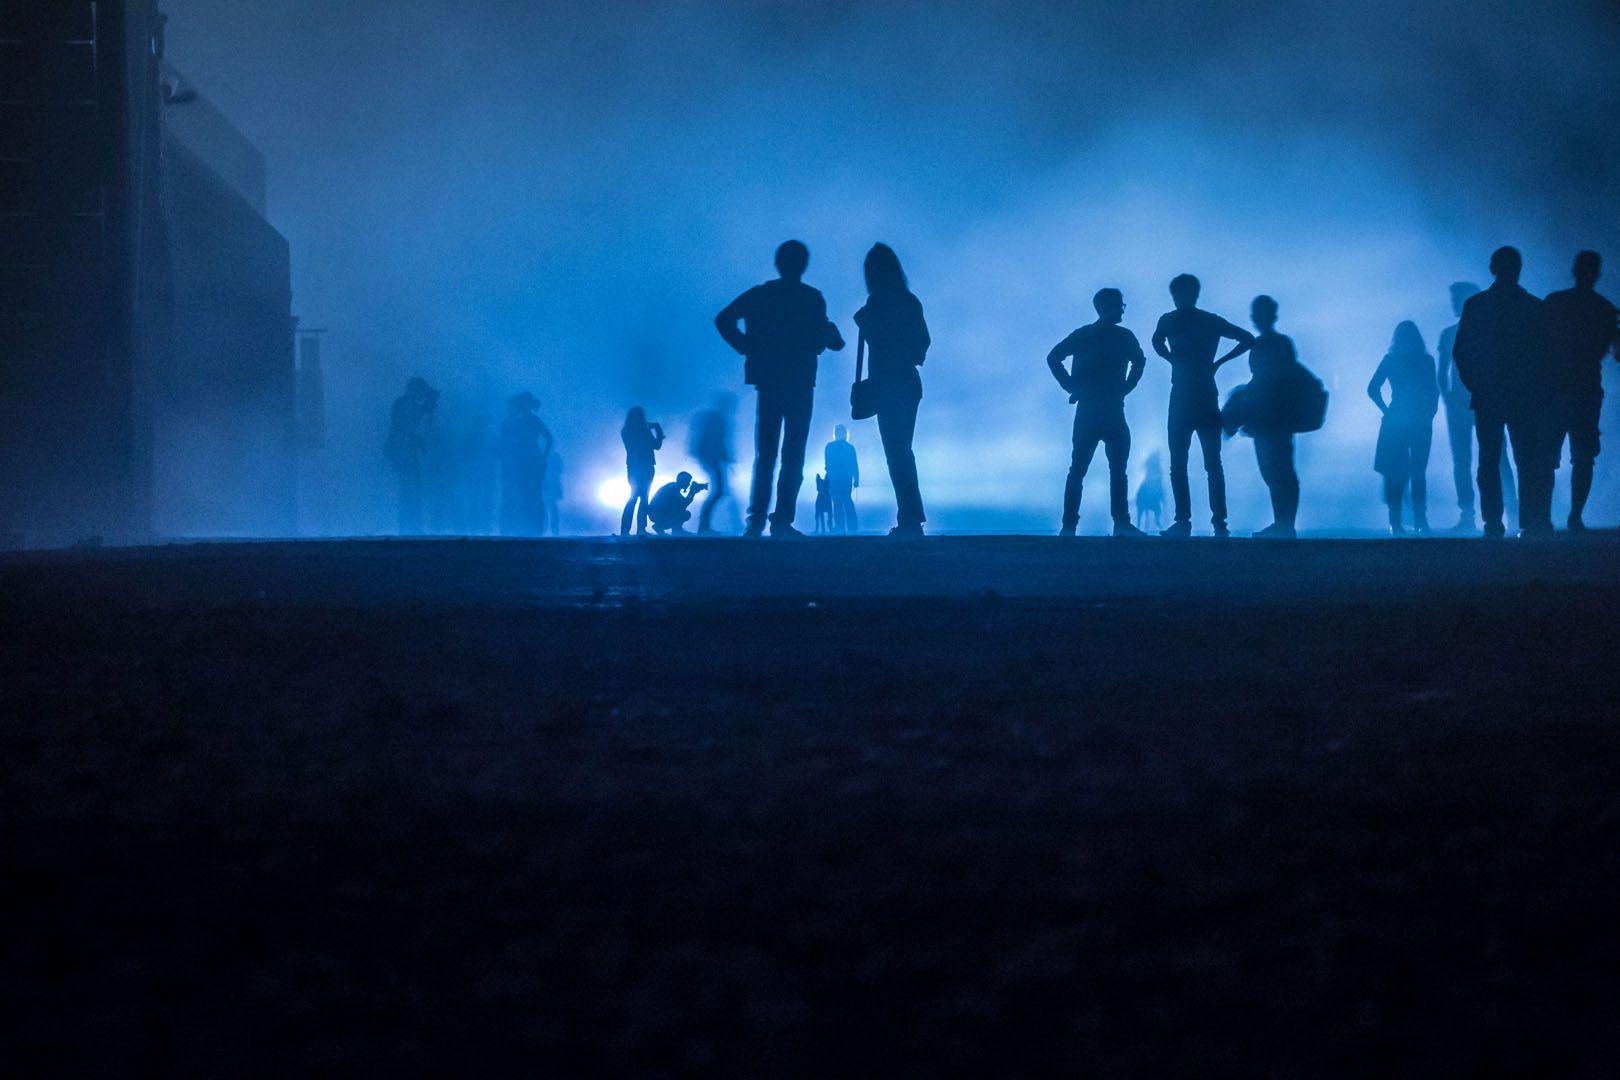 Performance im Nebel 01 – Beunruhigende Performance in Blau: Menschen nachts im Scheinwerferlicht. Hunde bellen. Der Nebel zeichnet in der Tiefe unterschiedliche Schärfen und Tonwerte. 2013, MD | © www.piqt.de | #PIQT